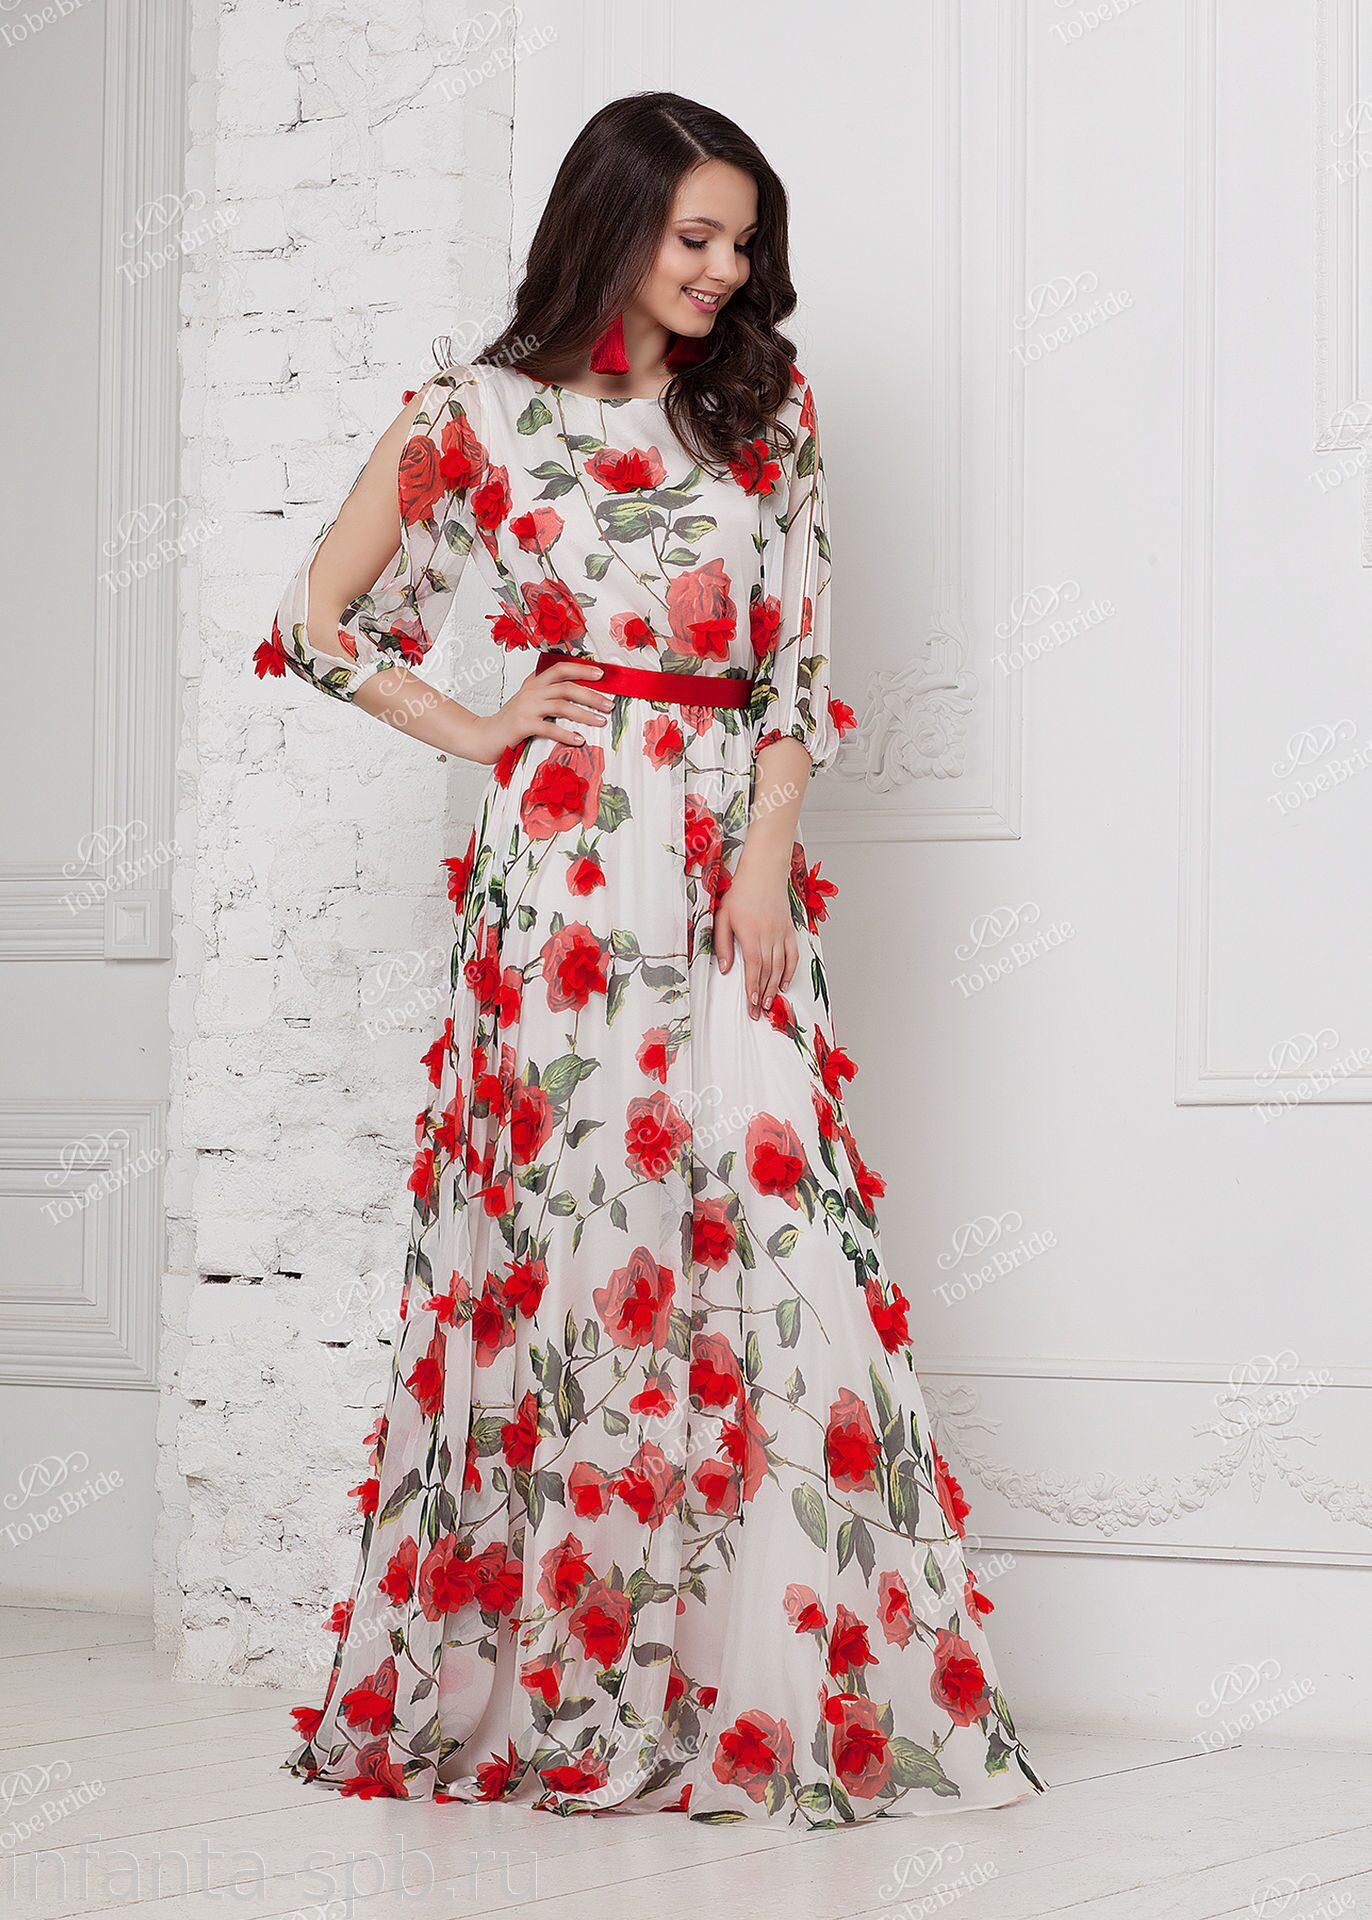 b3010d3e40d9 Шифоновое платье в пол с объемными цветами